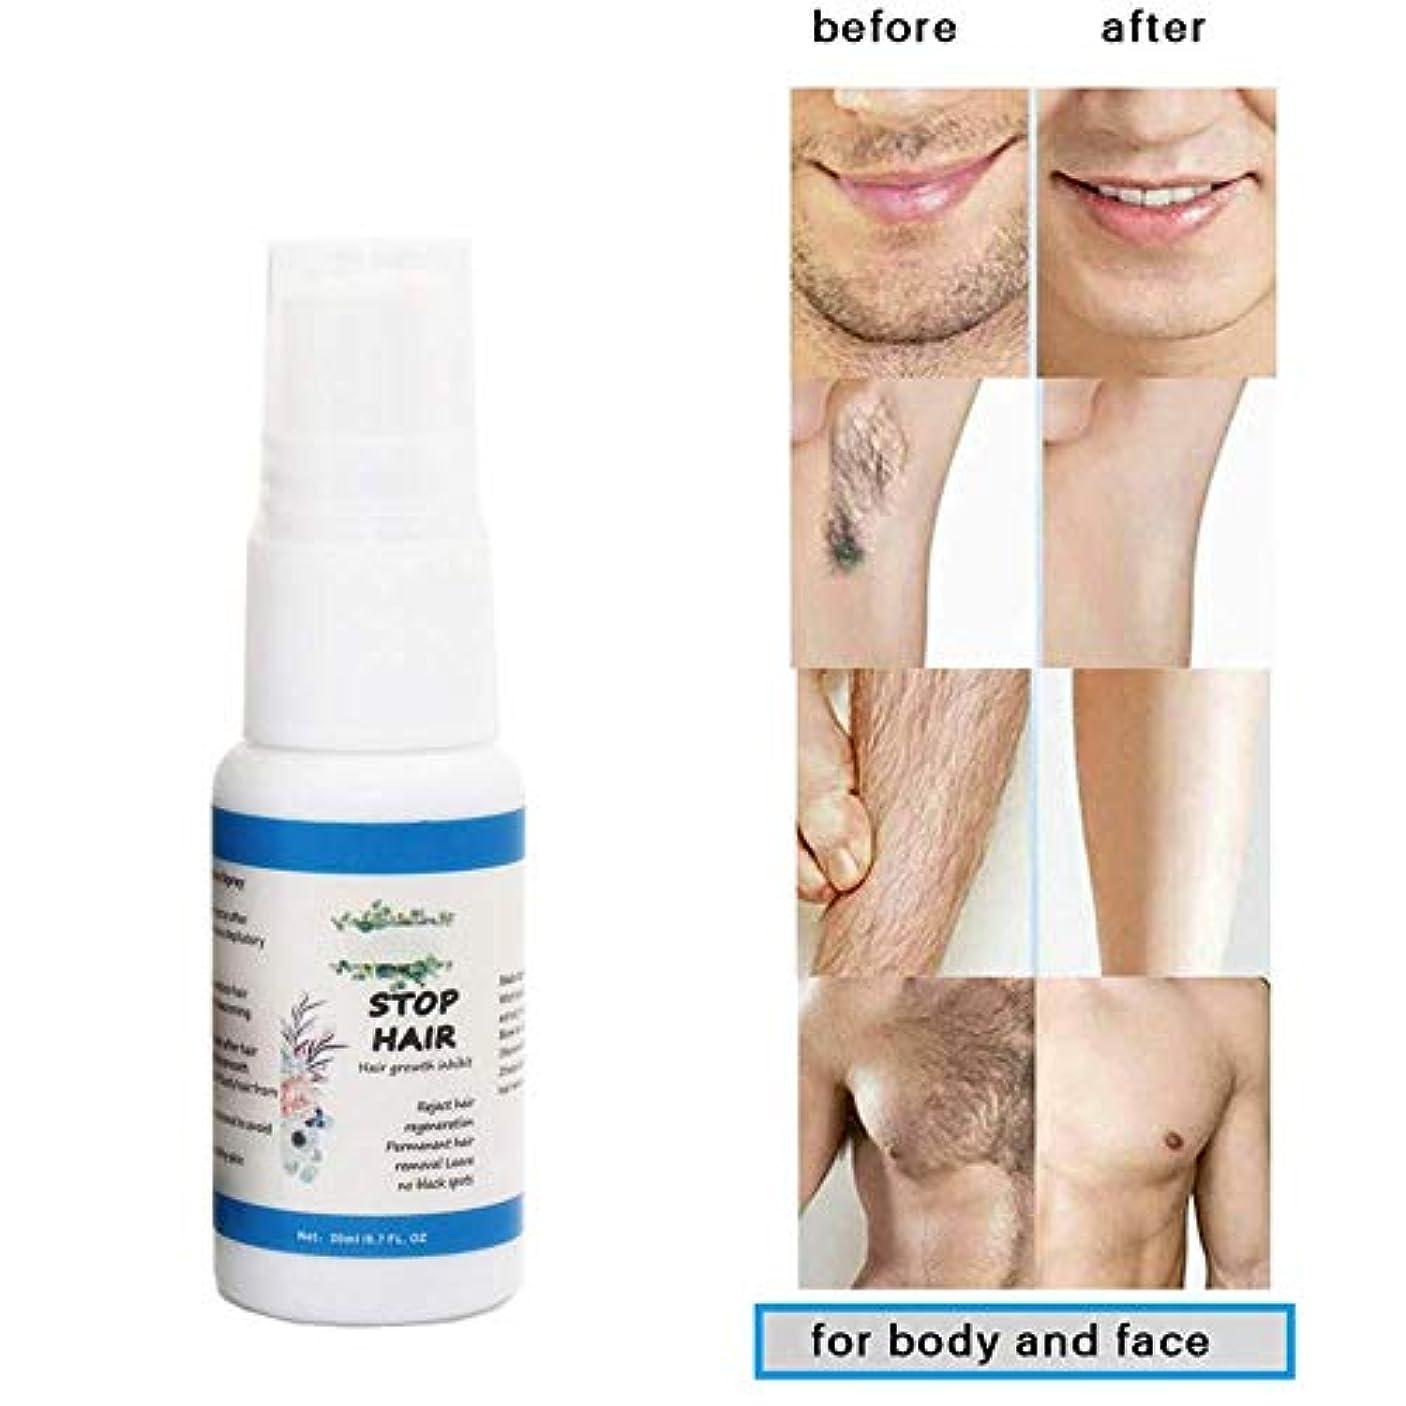 形成原点証言脱毛スプレー阻害剤発毛血清発毛除去を防ぎます修理脱毛剤製品ナチュラル非刺激栄養毛穴シュリンク20ml